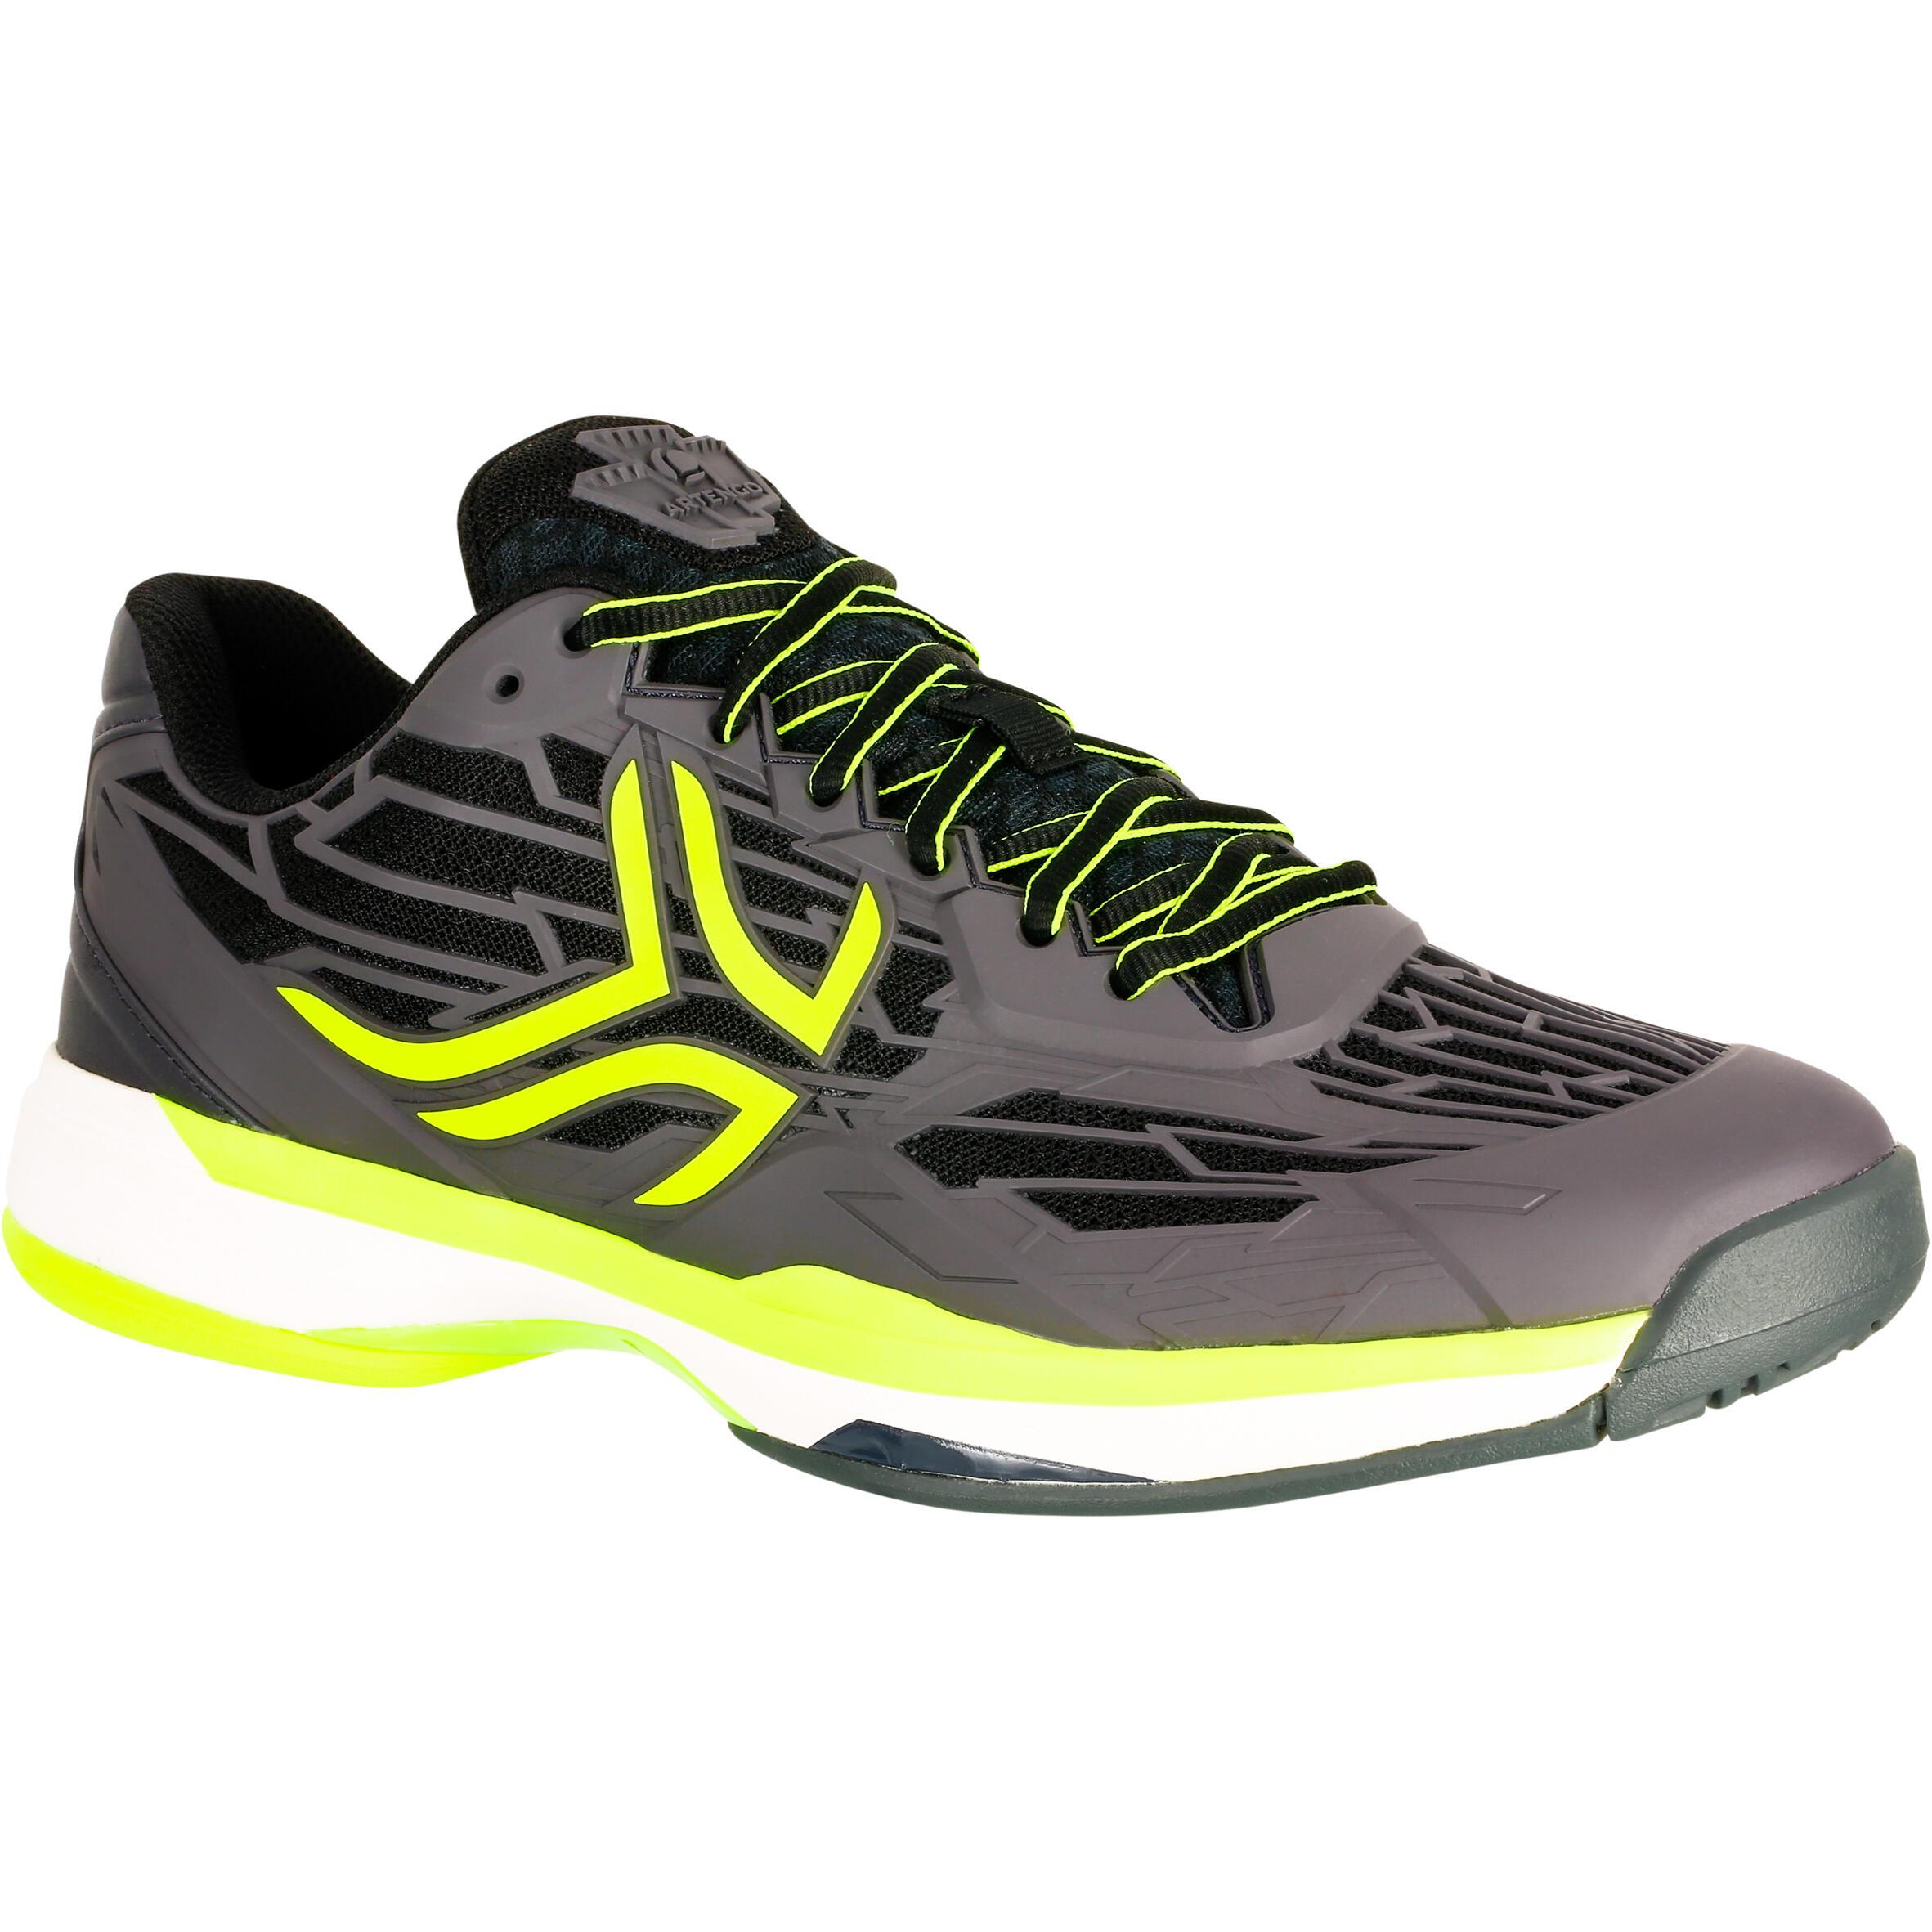 Artengo Tennisschoenen voor heren TS990 gravel zwart